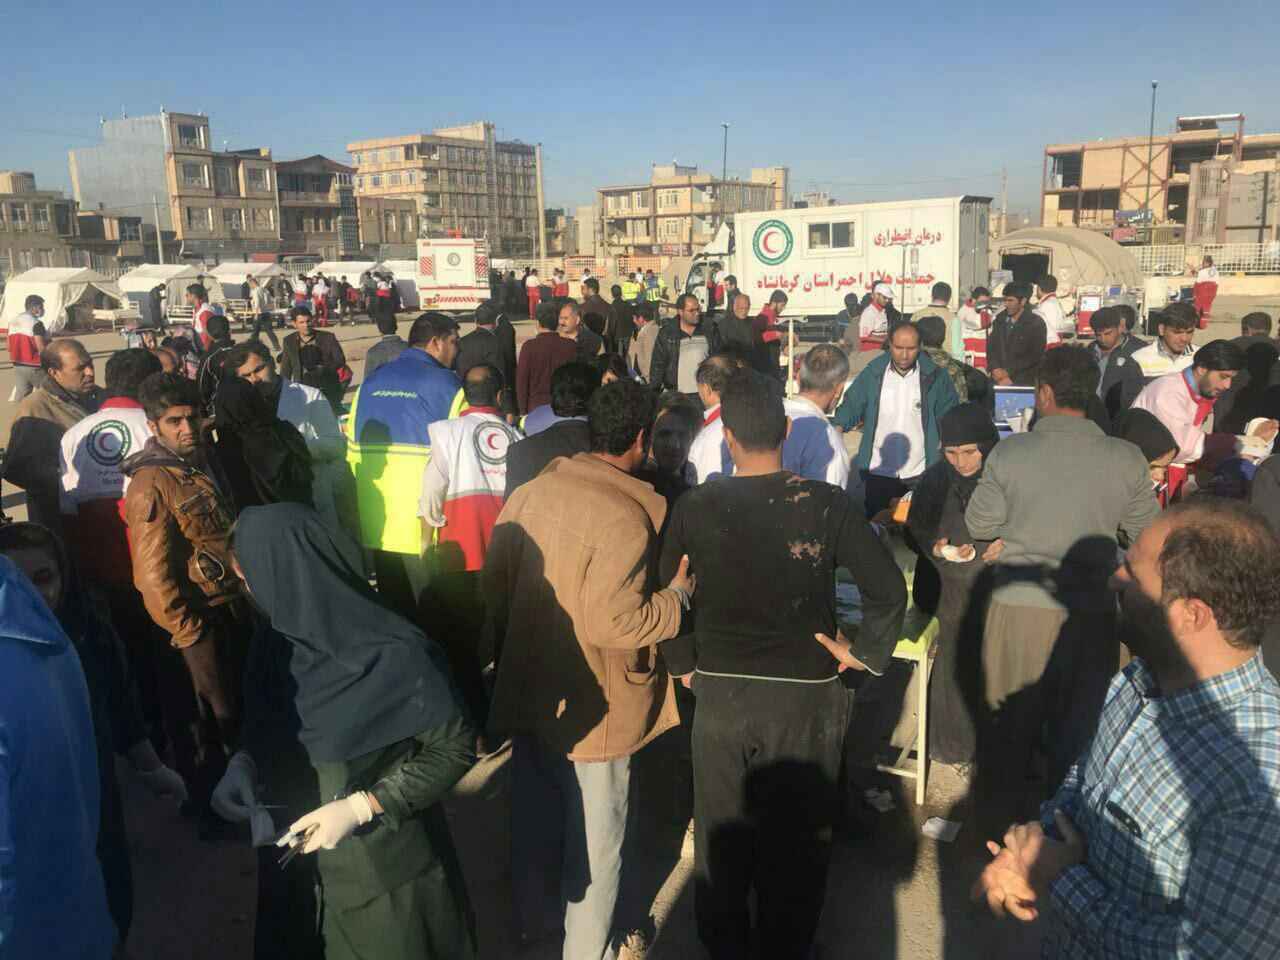 شمار جانباختگان به 200 تن رسید /70 هزار نفر بی خانمان شدند/ اعلام سه روز عزای عمومی در استان کرمانشاه